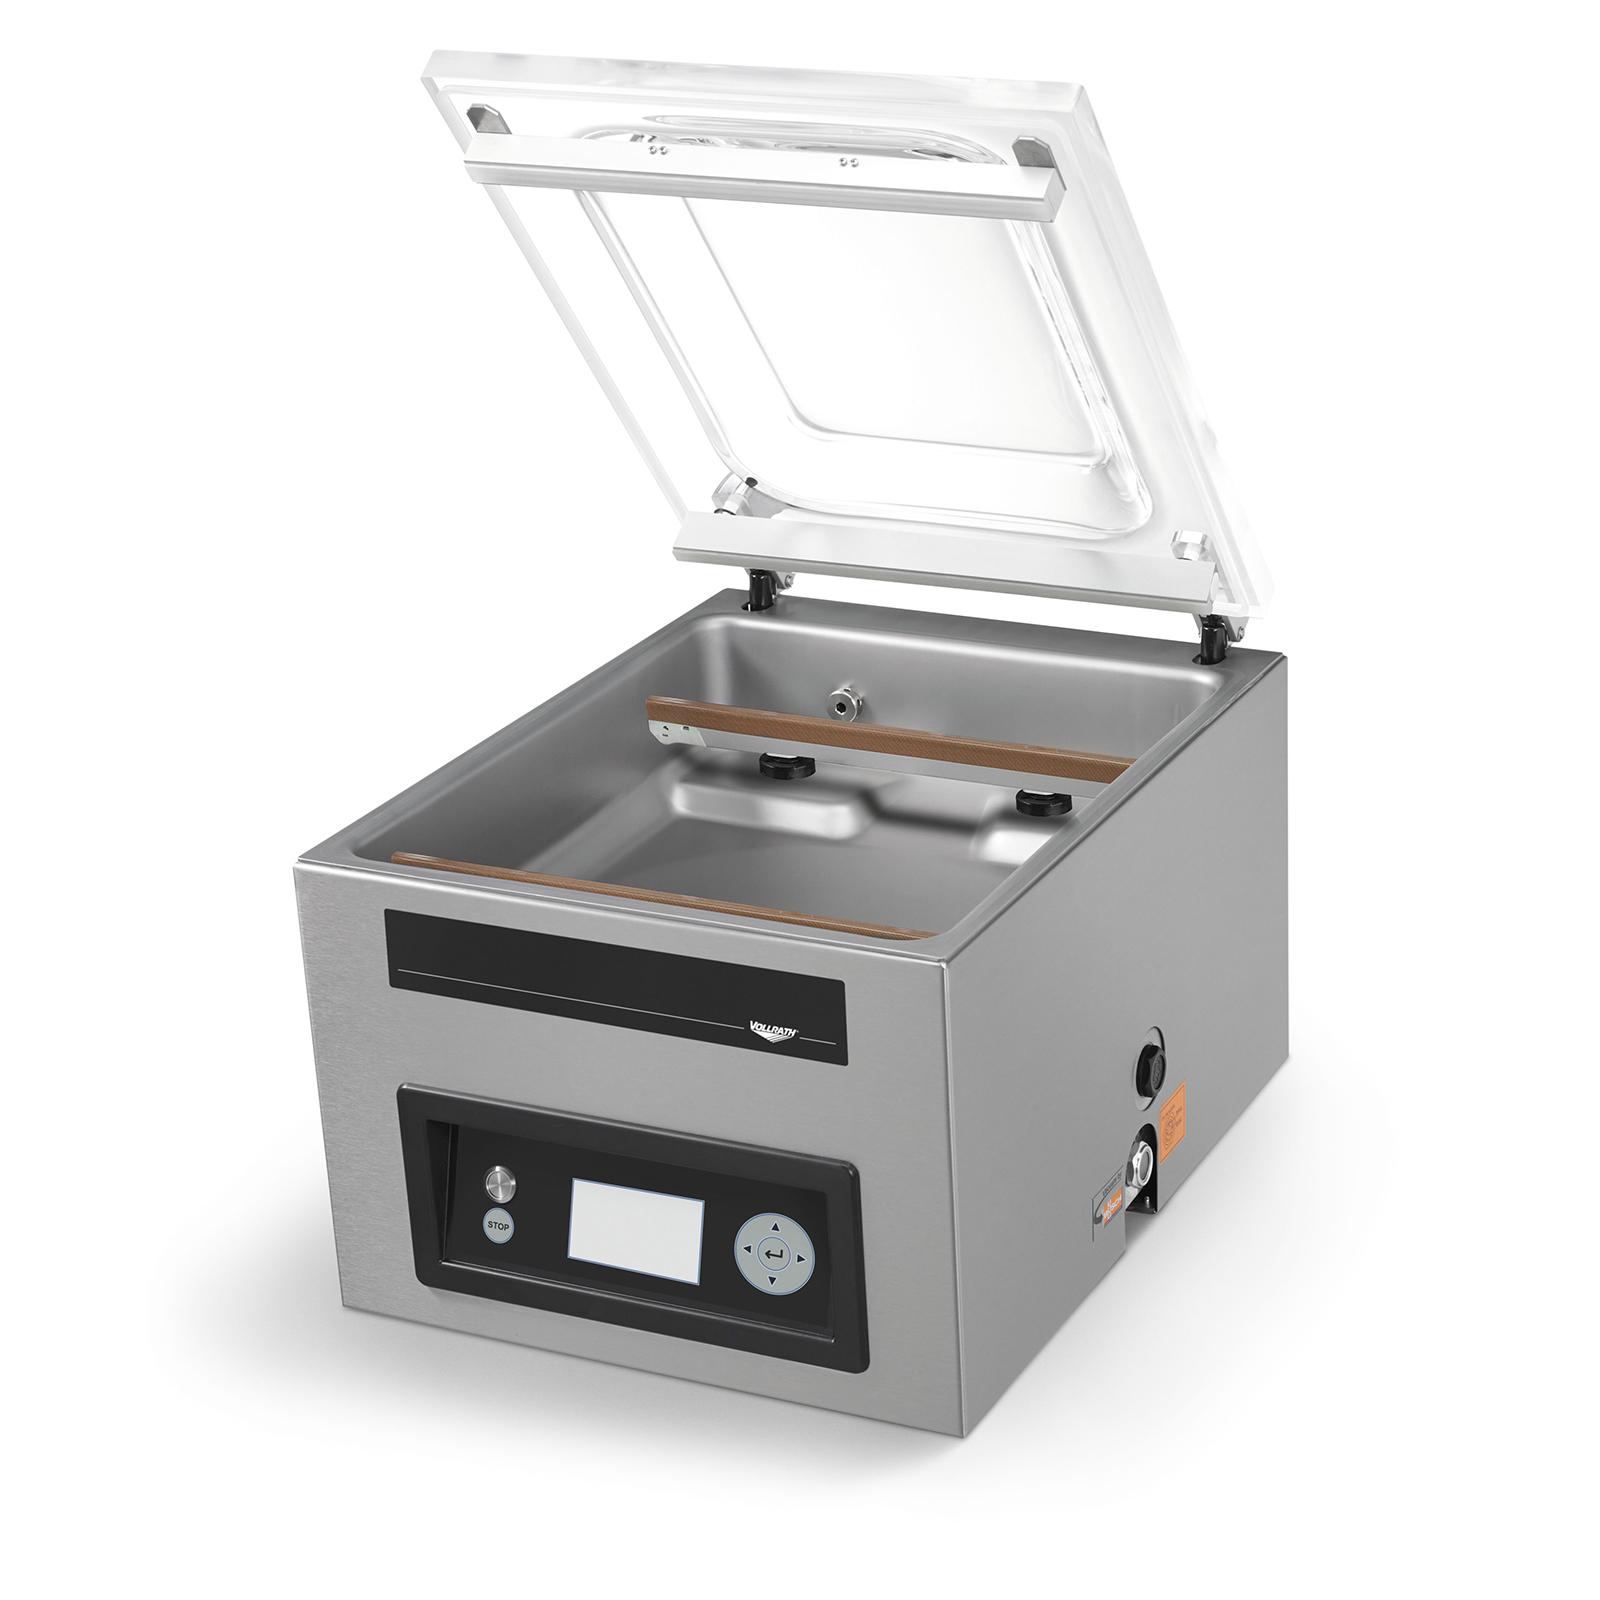 Vollrath 40834 food packaging machine